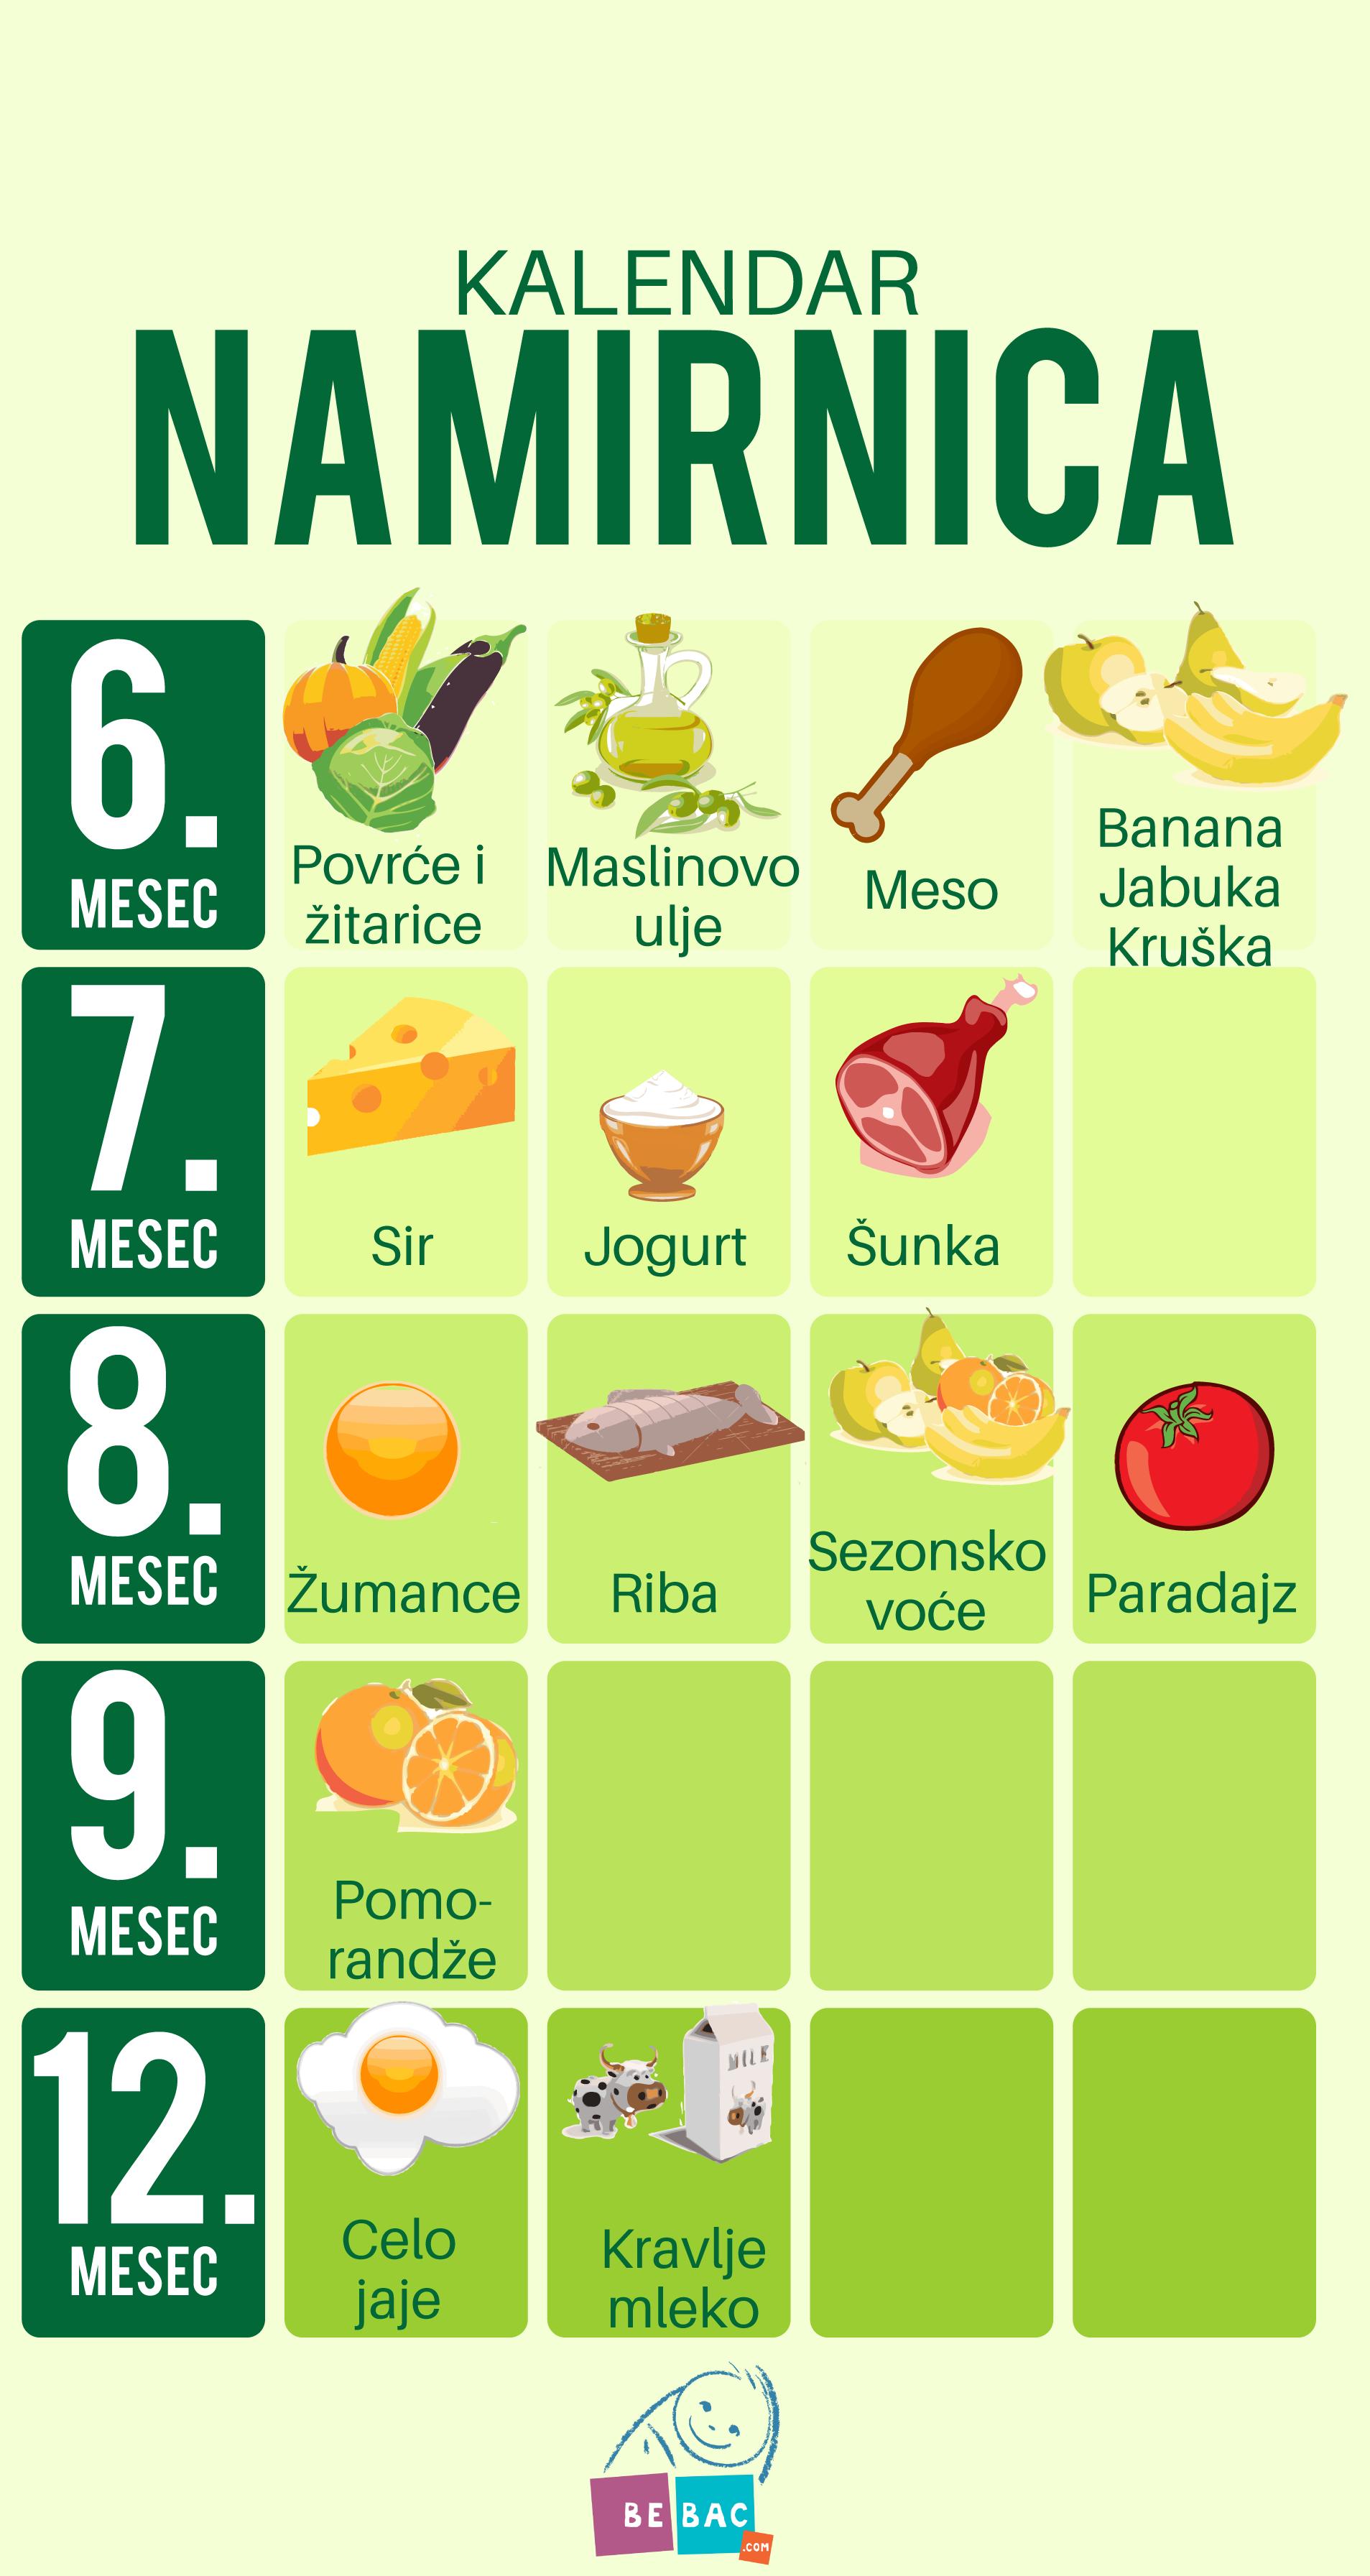 Kalendar uvođenja namirnica u bebinu ishranu - Bebac.com